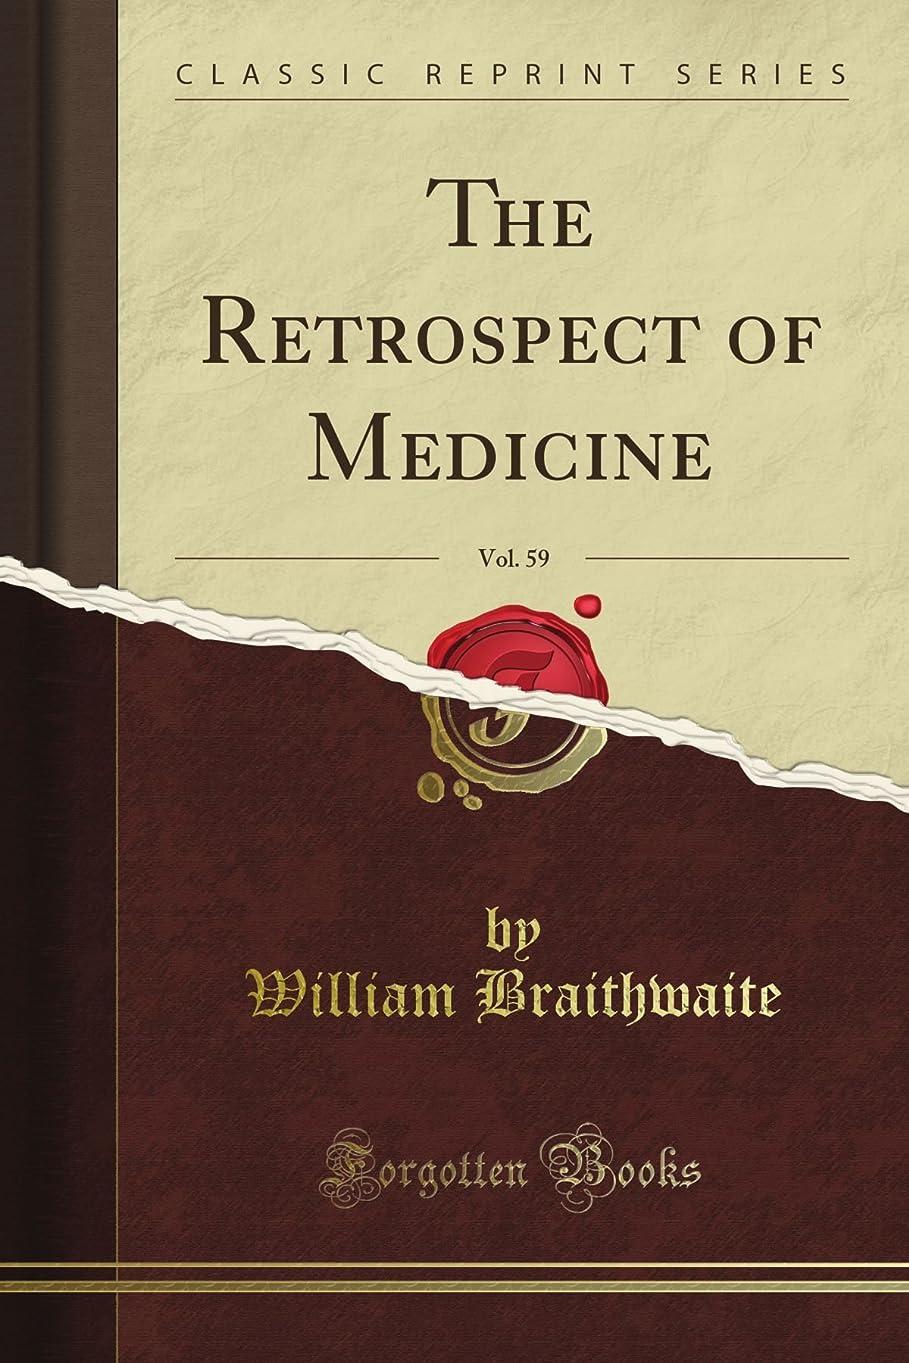 The Retrospect of Medicine, Vol. 59 (Classic Reprint)